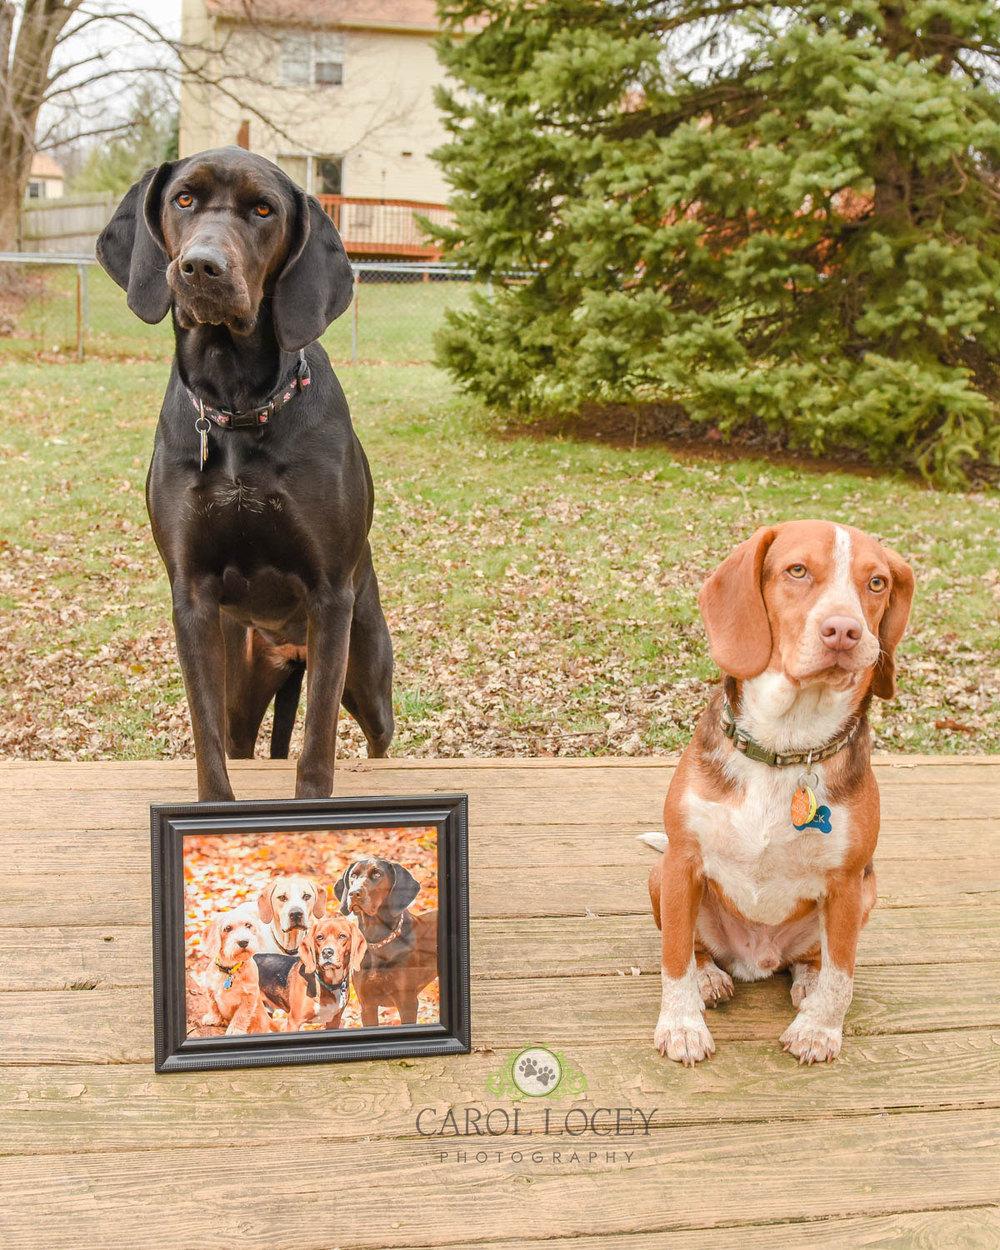 Dogfamilyphoto